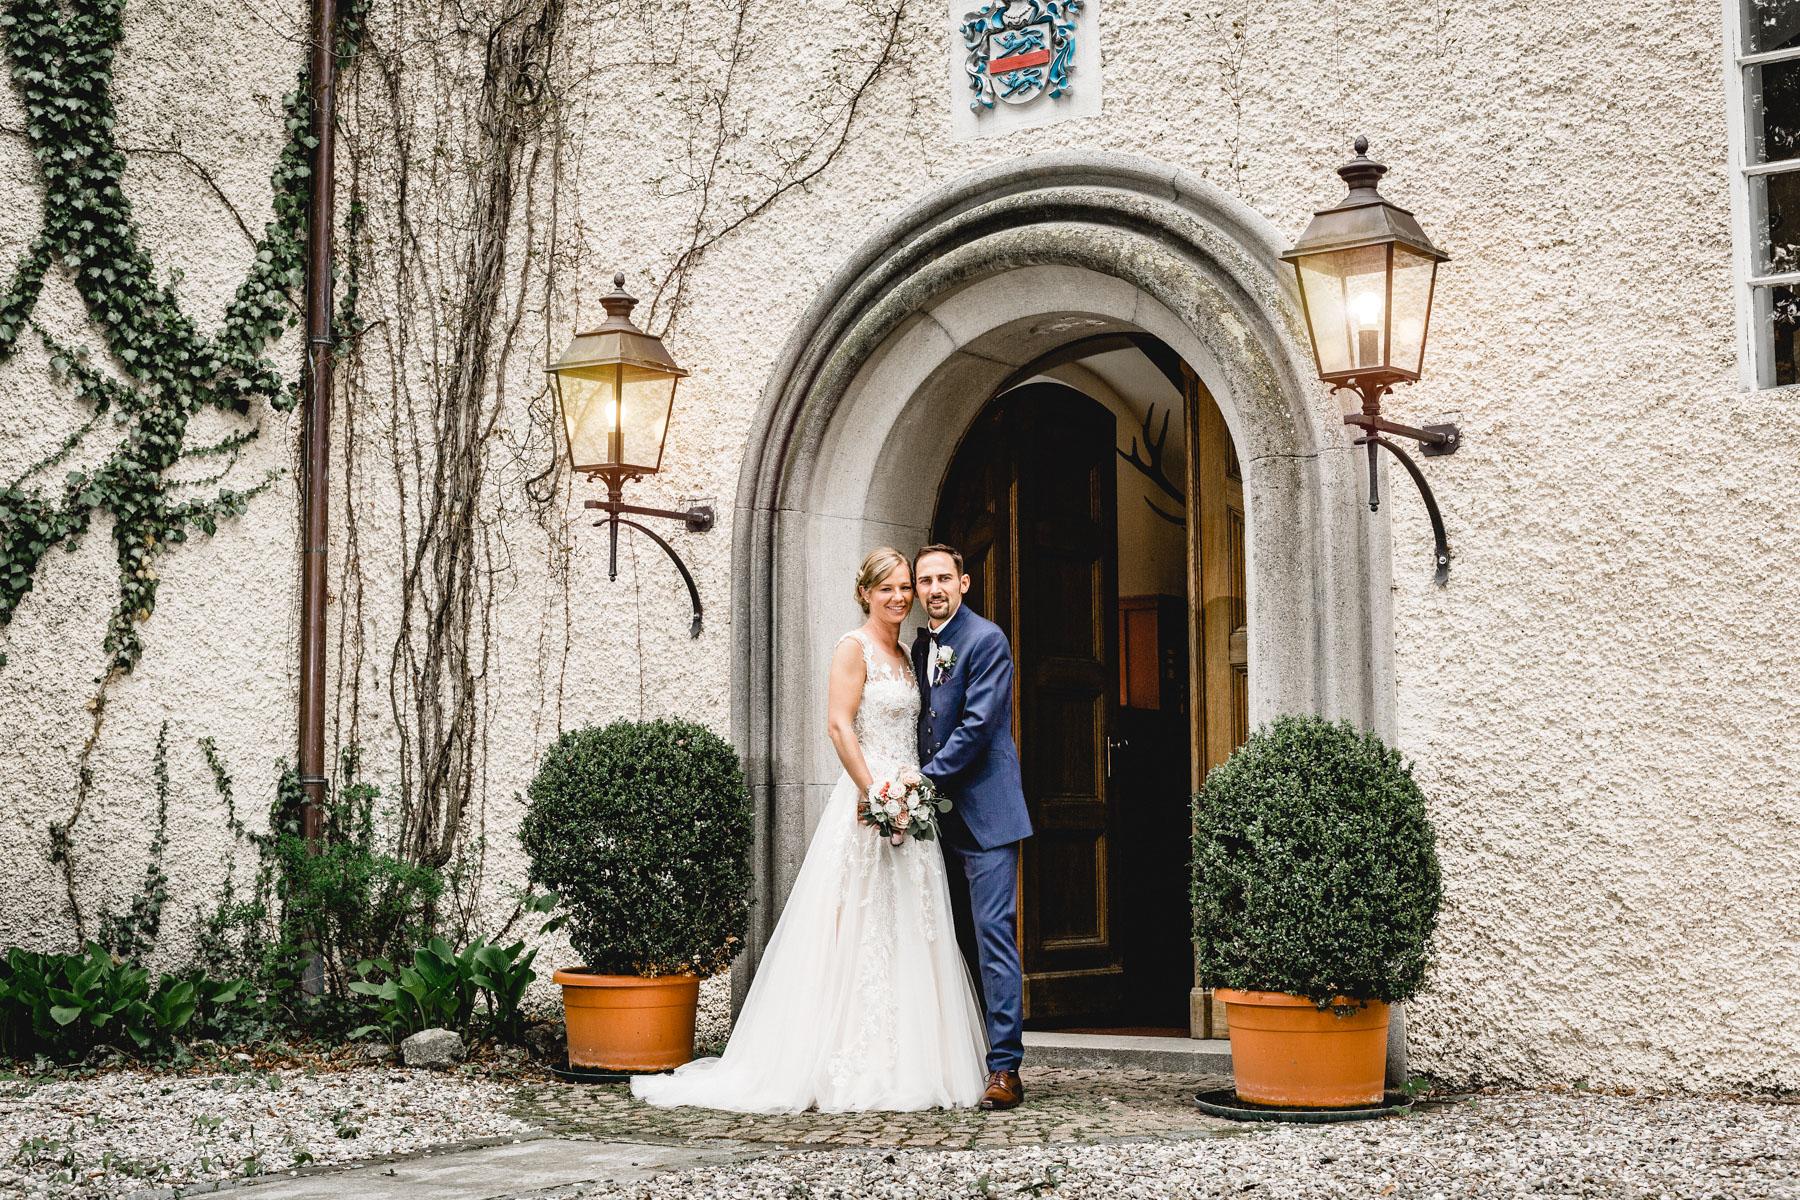 Portrait Annika ChristianHochzeitsreportage SchlossWilflingen Hochzeitsfotograf Eisighof MarcusBraun Fotografie  www.mb fotografie.de 07 - Heiraten im Schloss Wilflingen anschließend ausgiebig feiern auf dem Eisighof..